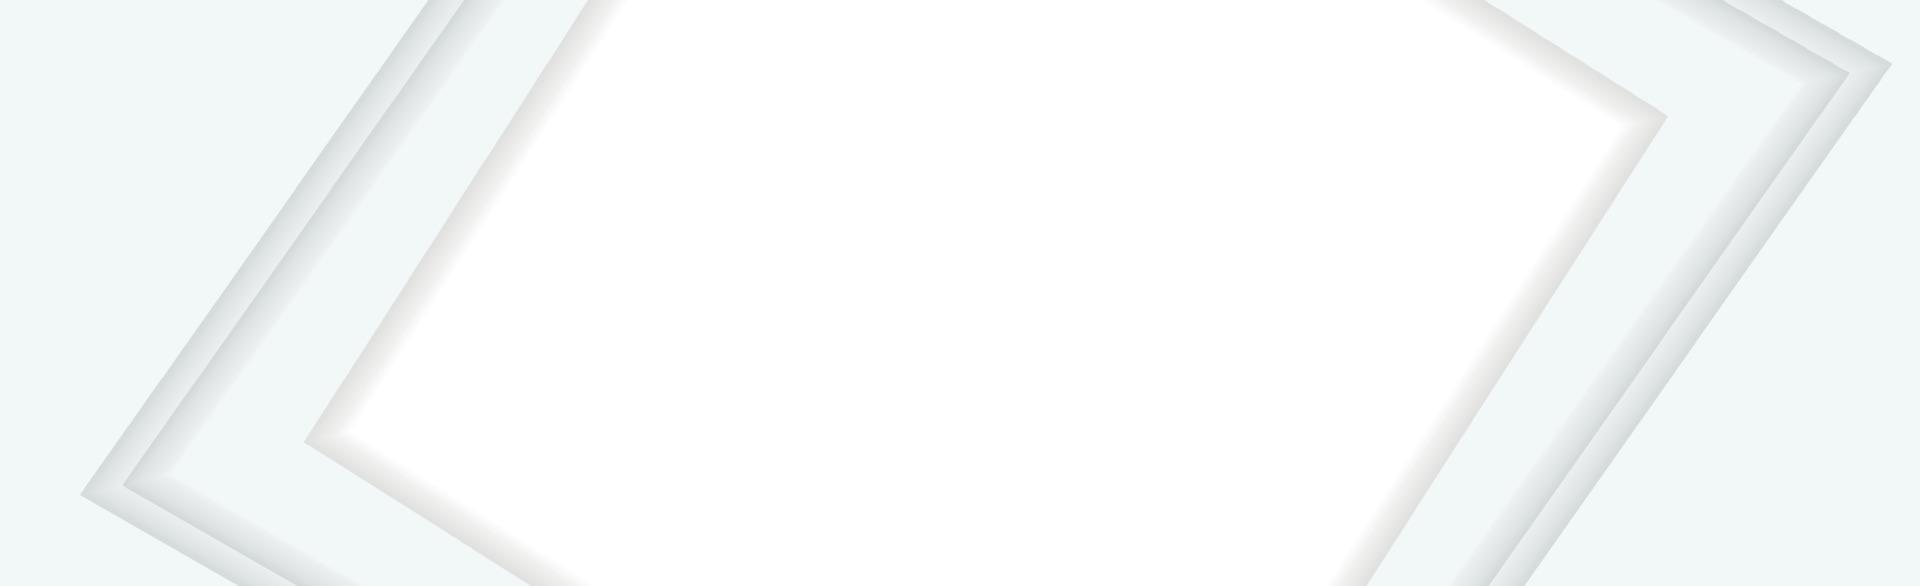 fondo panorámico de vector blanco con líneas